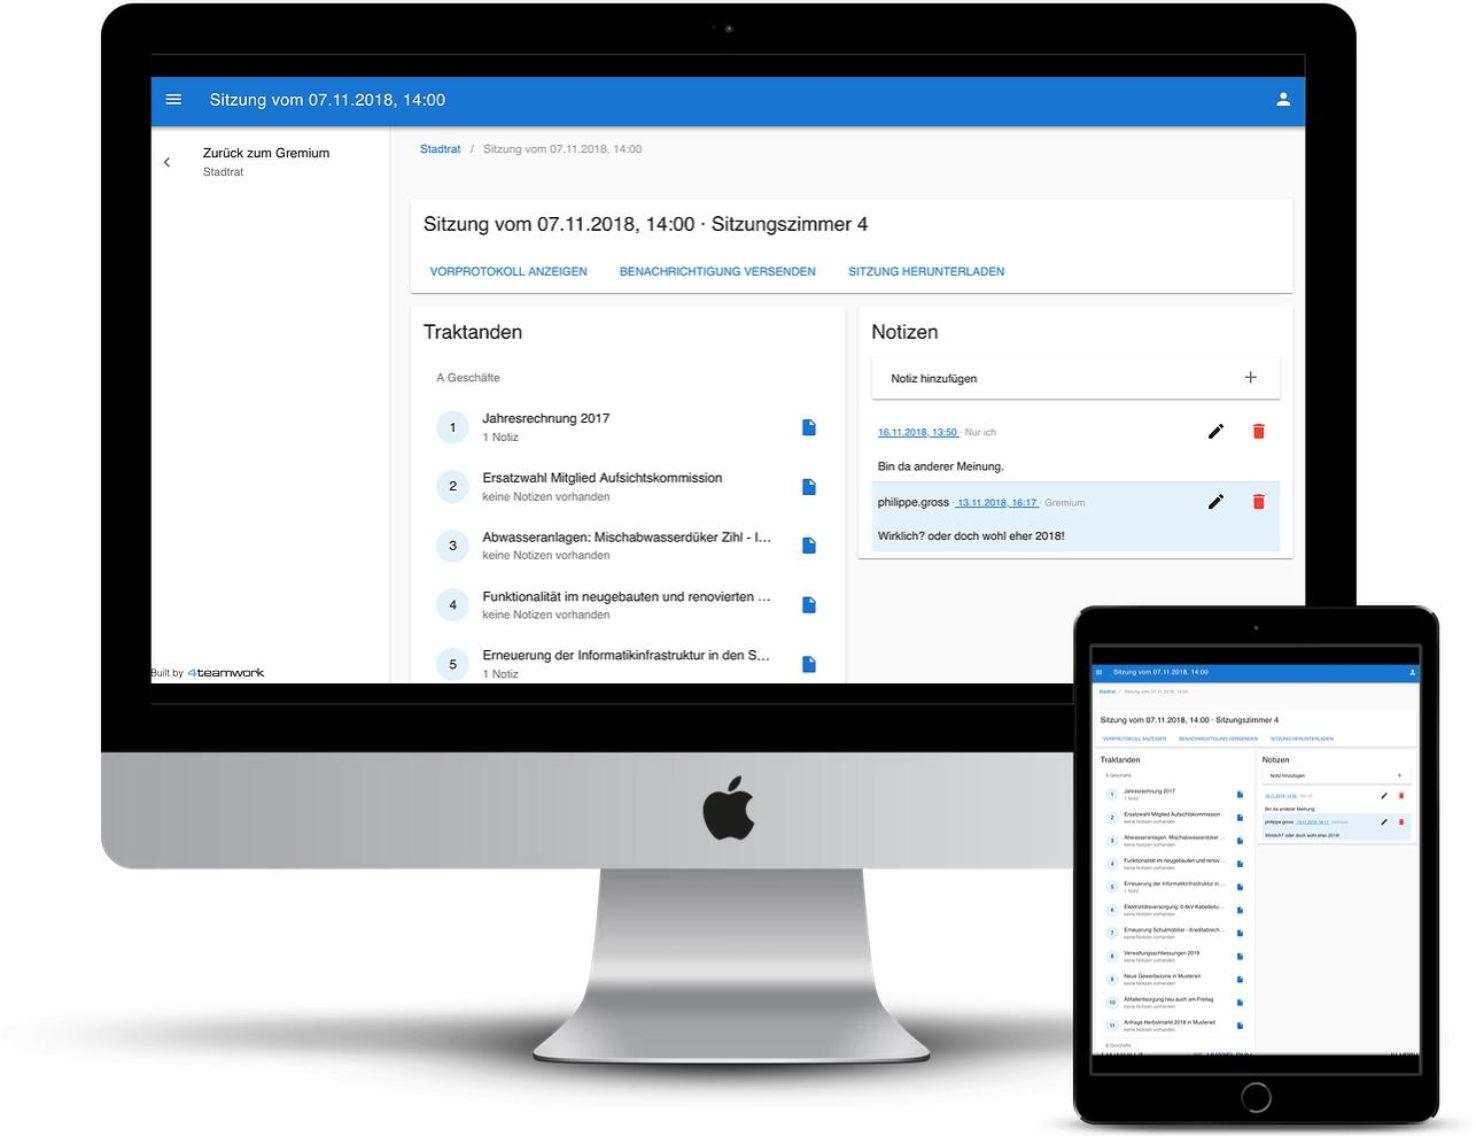 Die Sitzungsapp erlaubt den mobilen Zugriff auf und die Arbeit mit den Sitzungsunterlagen